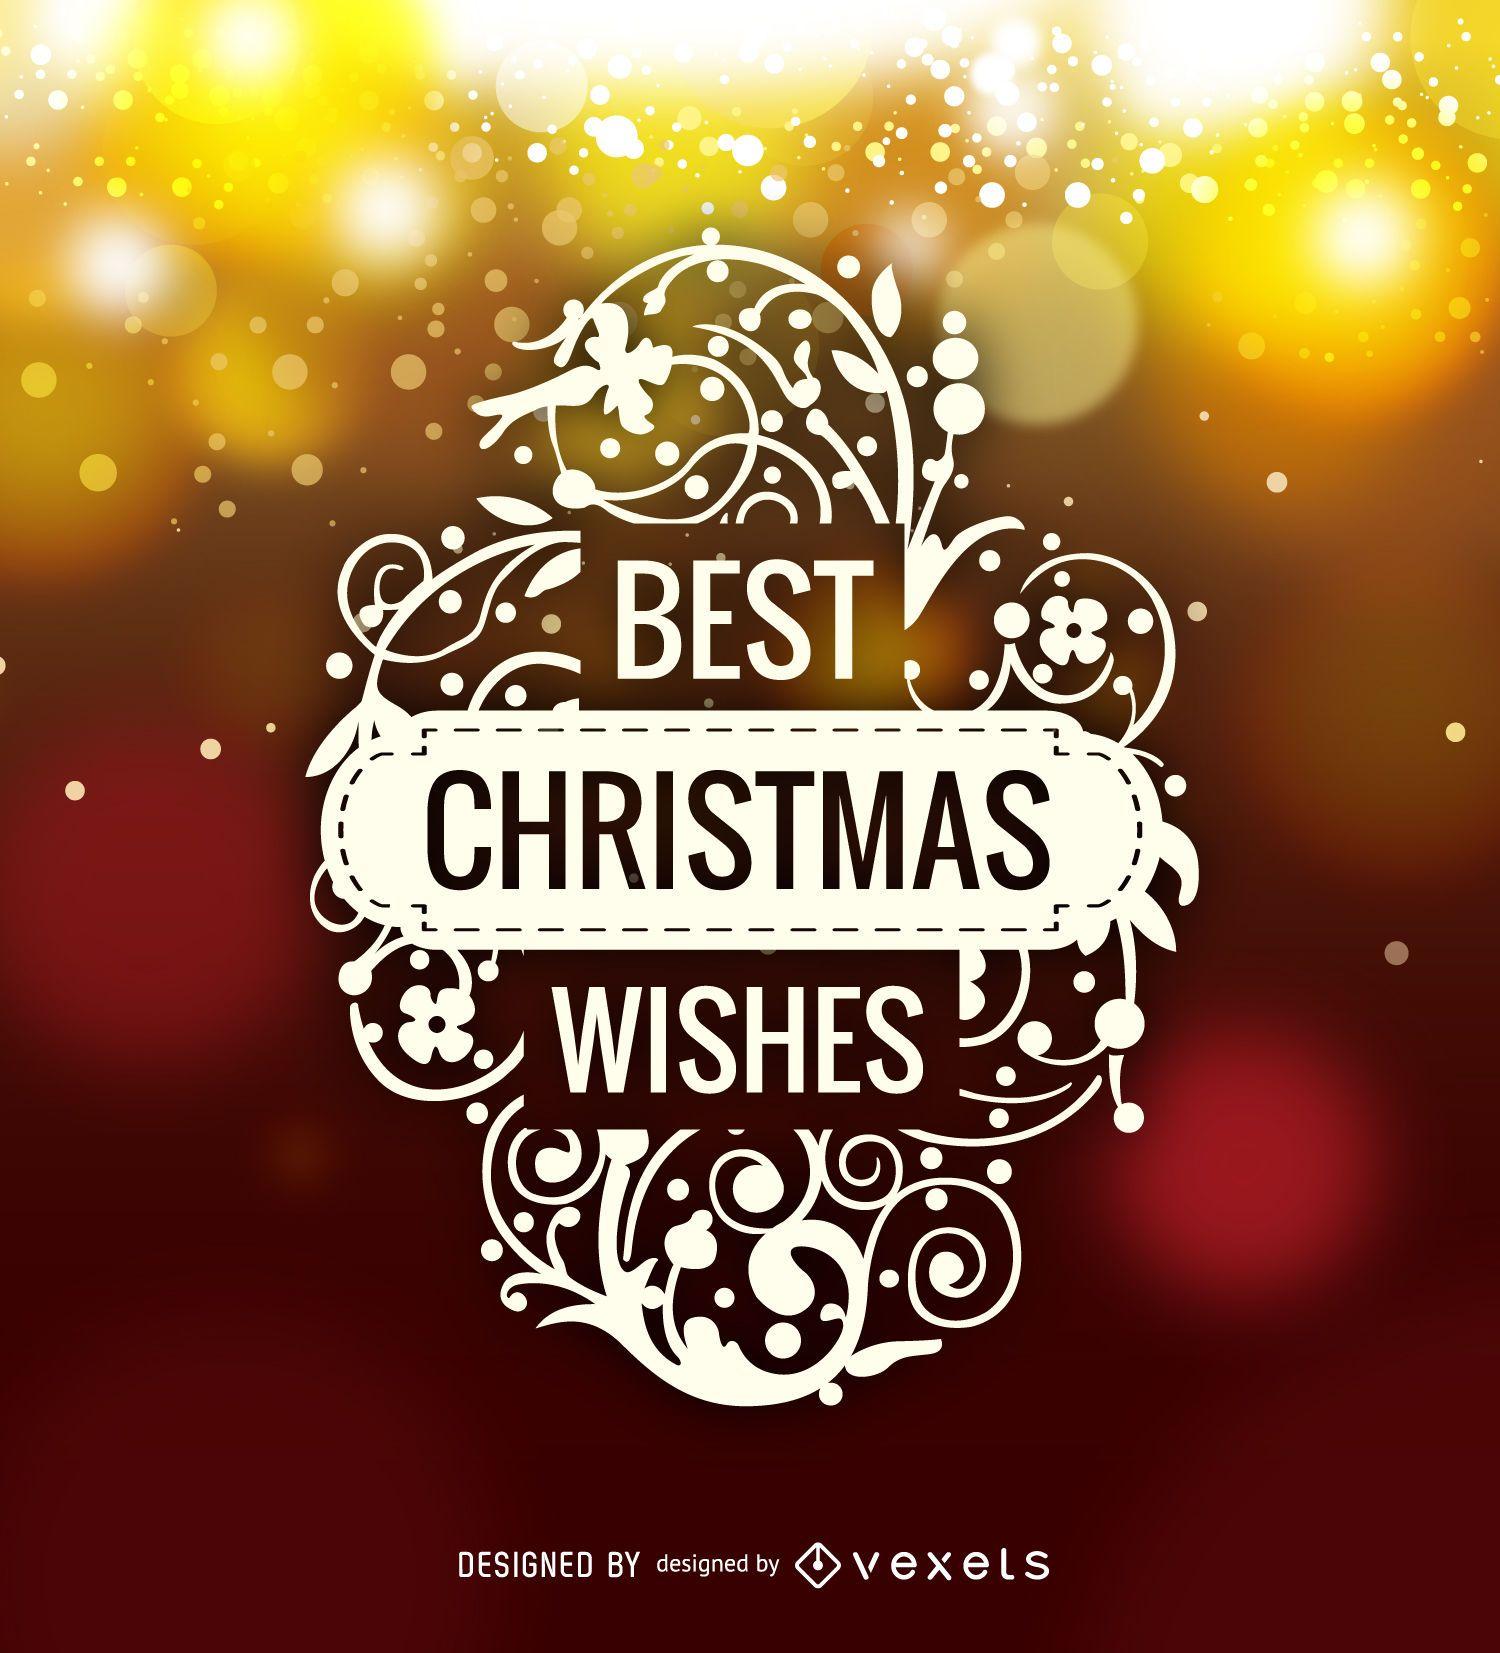 Etiqueta con el logotipo de Best Christmas Wishes